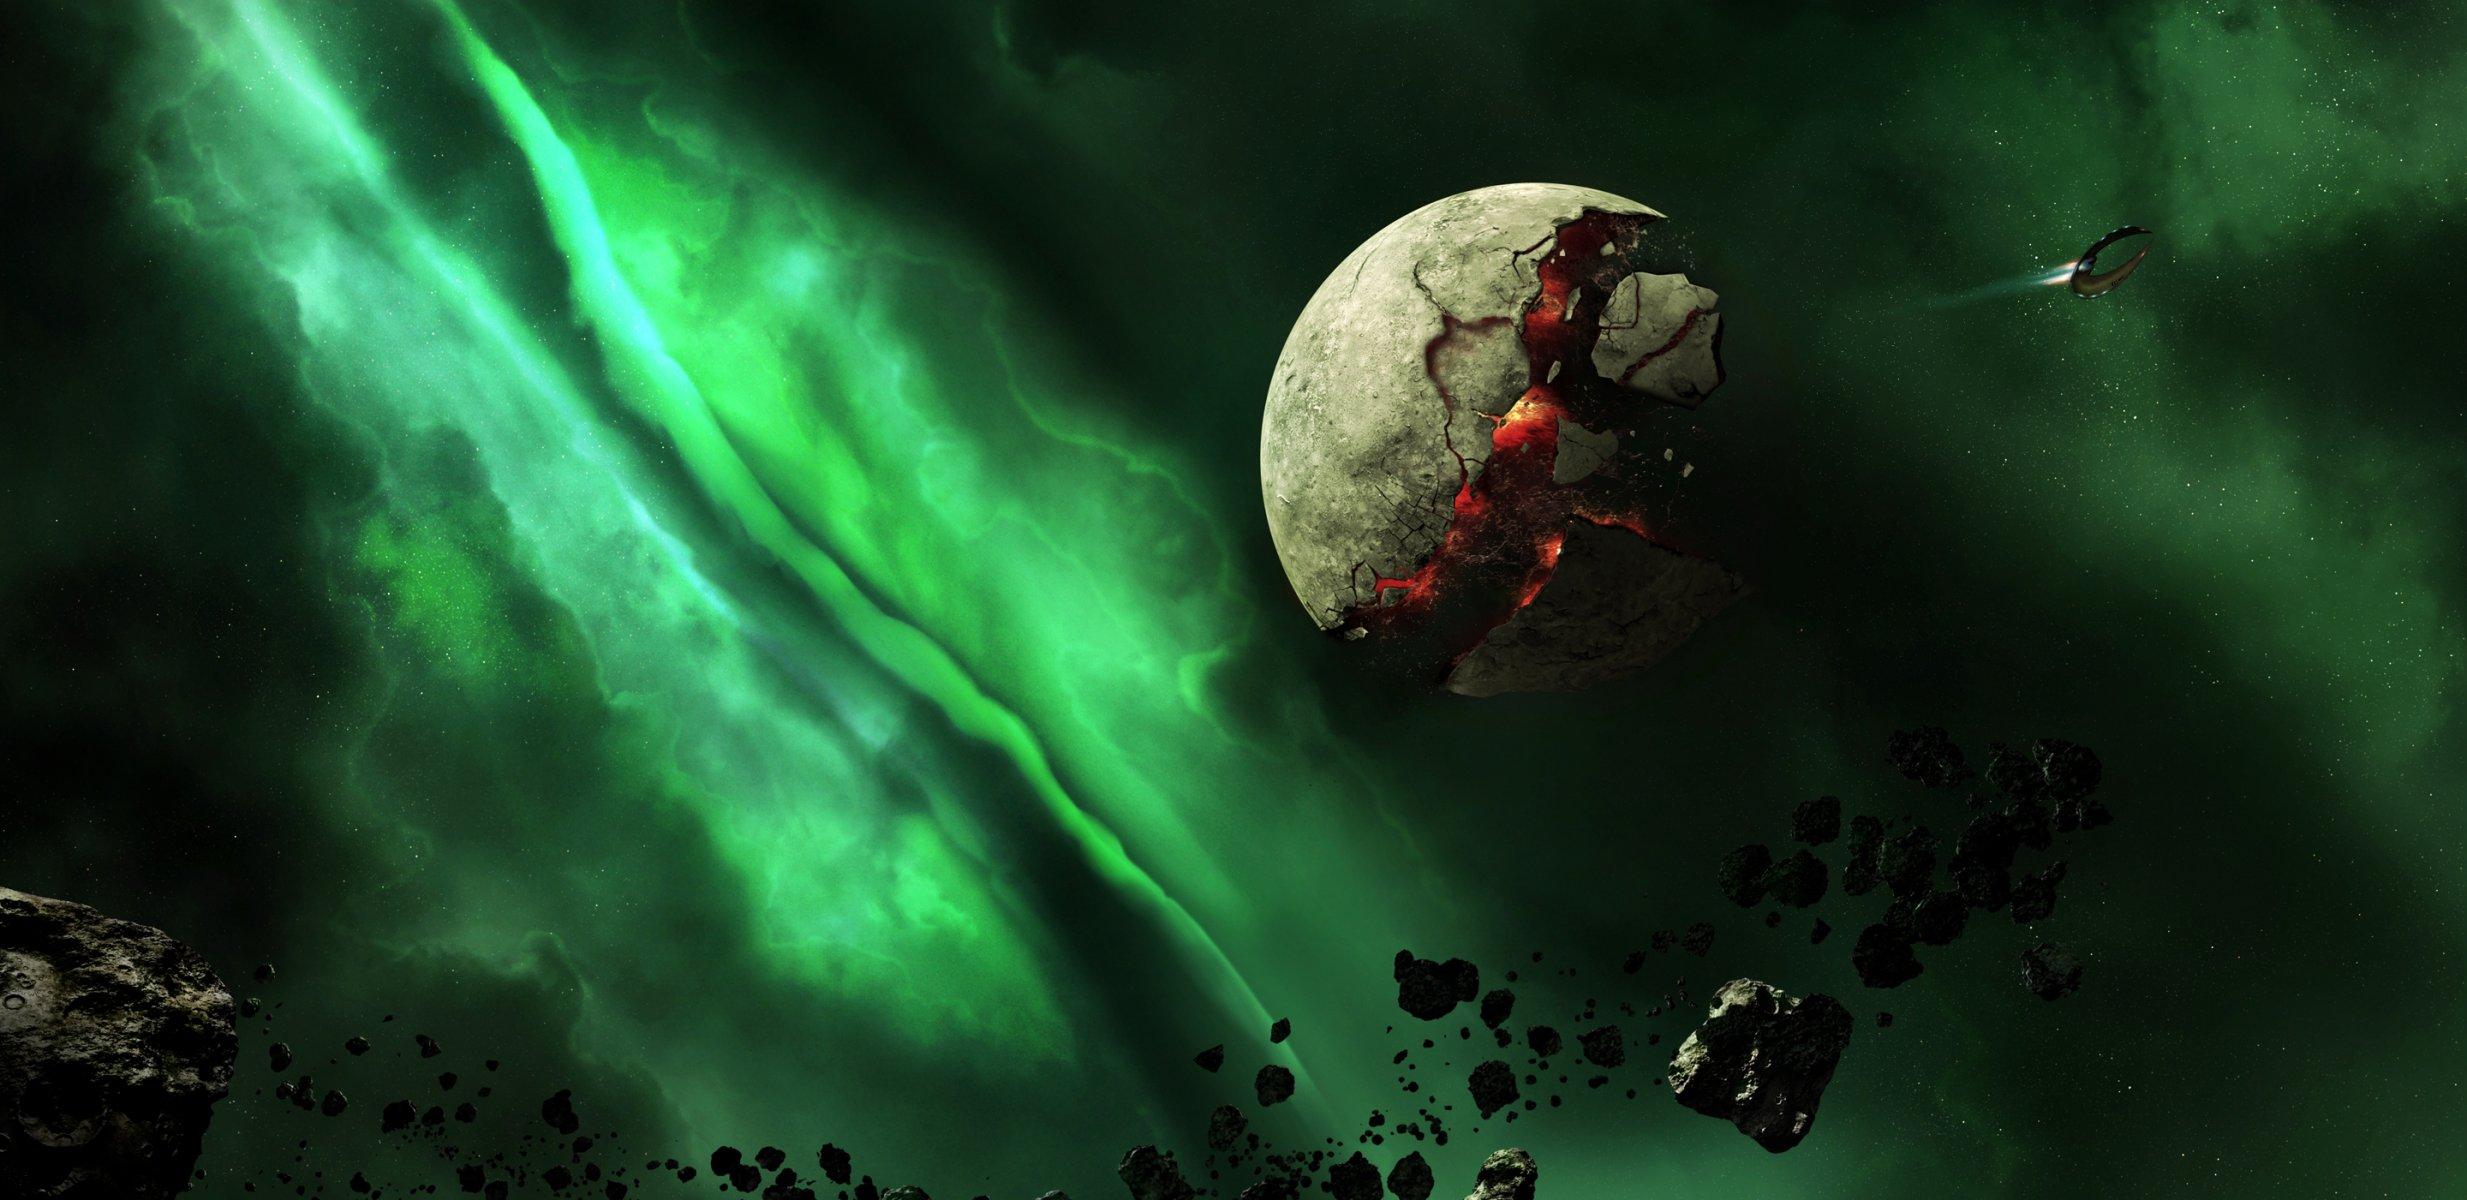 Обои Взрывы на планетах картинки на рабочий стол на тему Космос - скачать загрузить